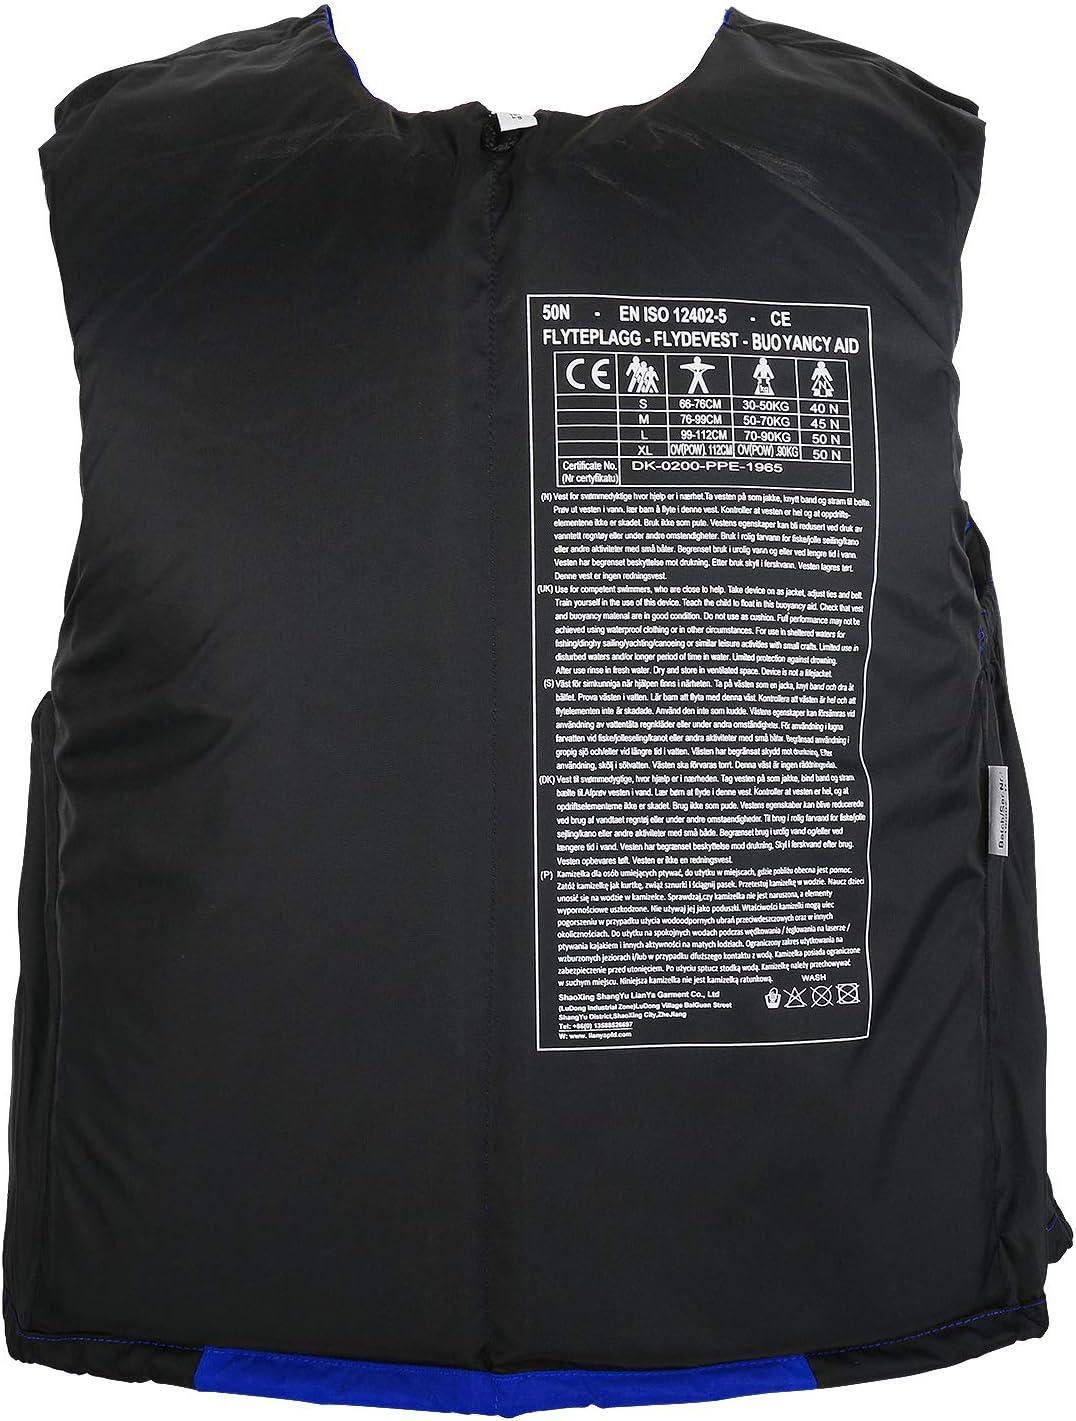 Leader Accessories Schwimmhilfe Erwachsene Auftriebsweste ISO 12402-5 Feststoffweste mit Brusttasche ideal f/ür den Wassersport Auftriebshilfe bis zu 50N